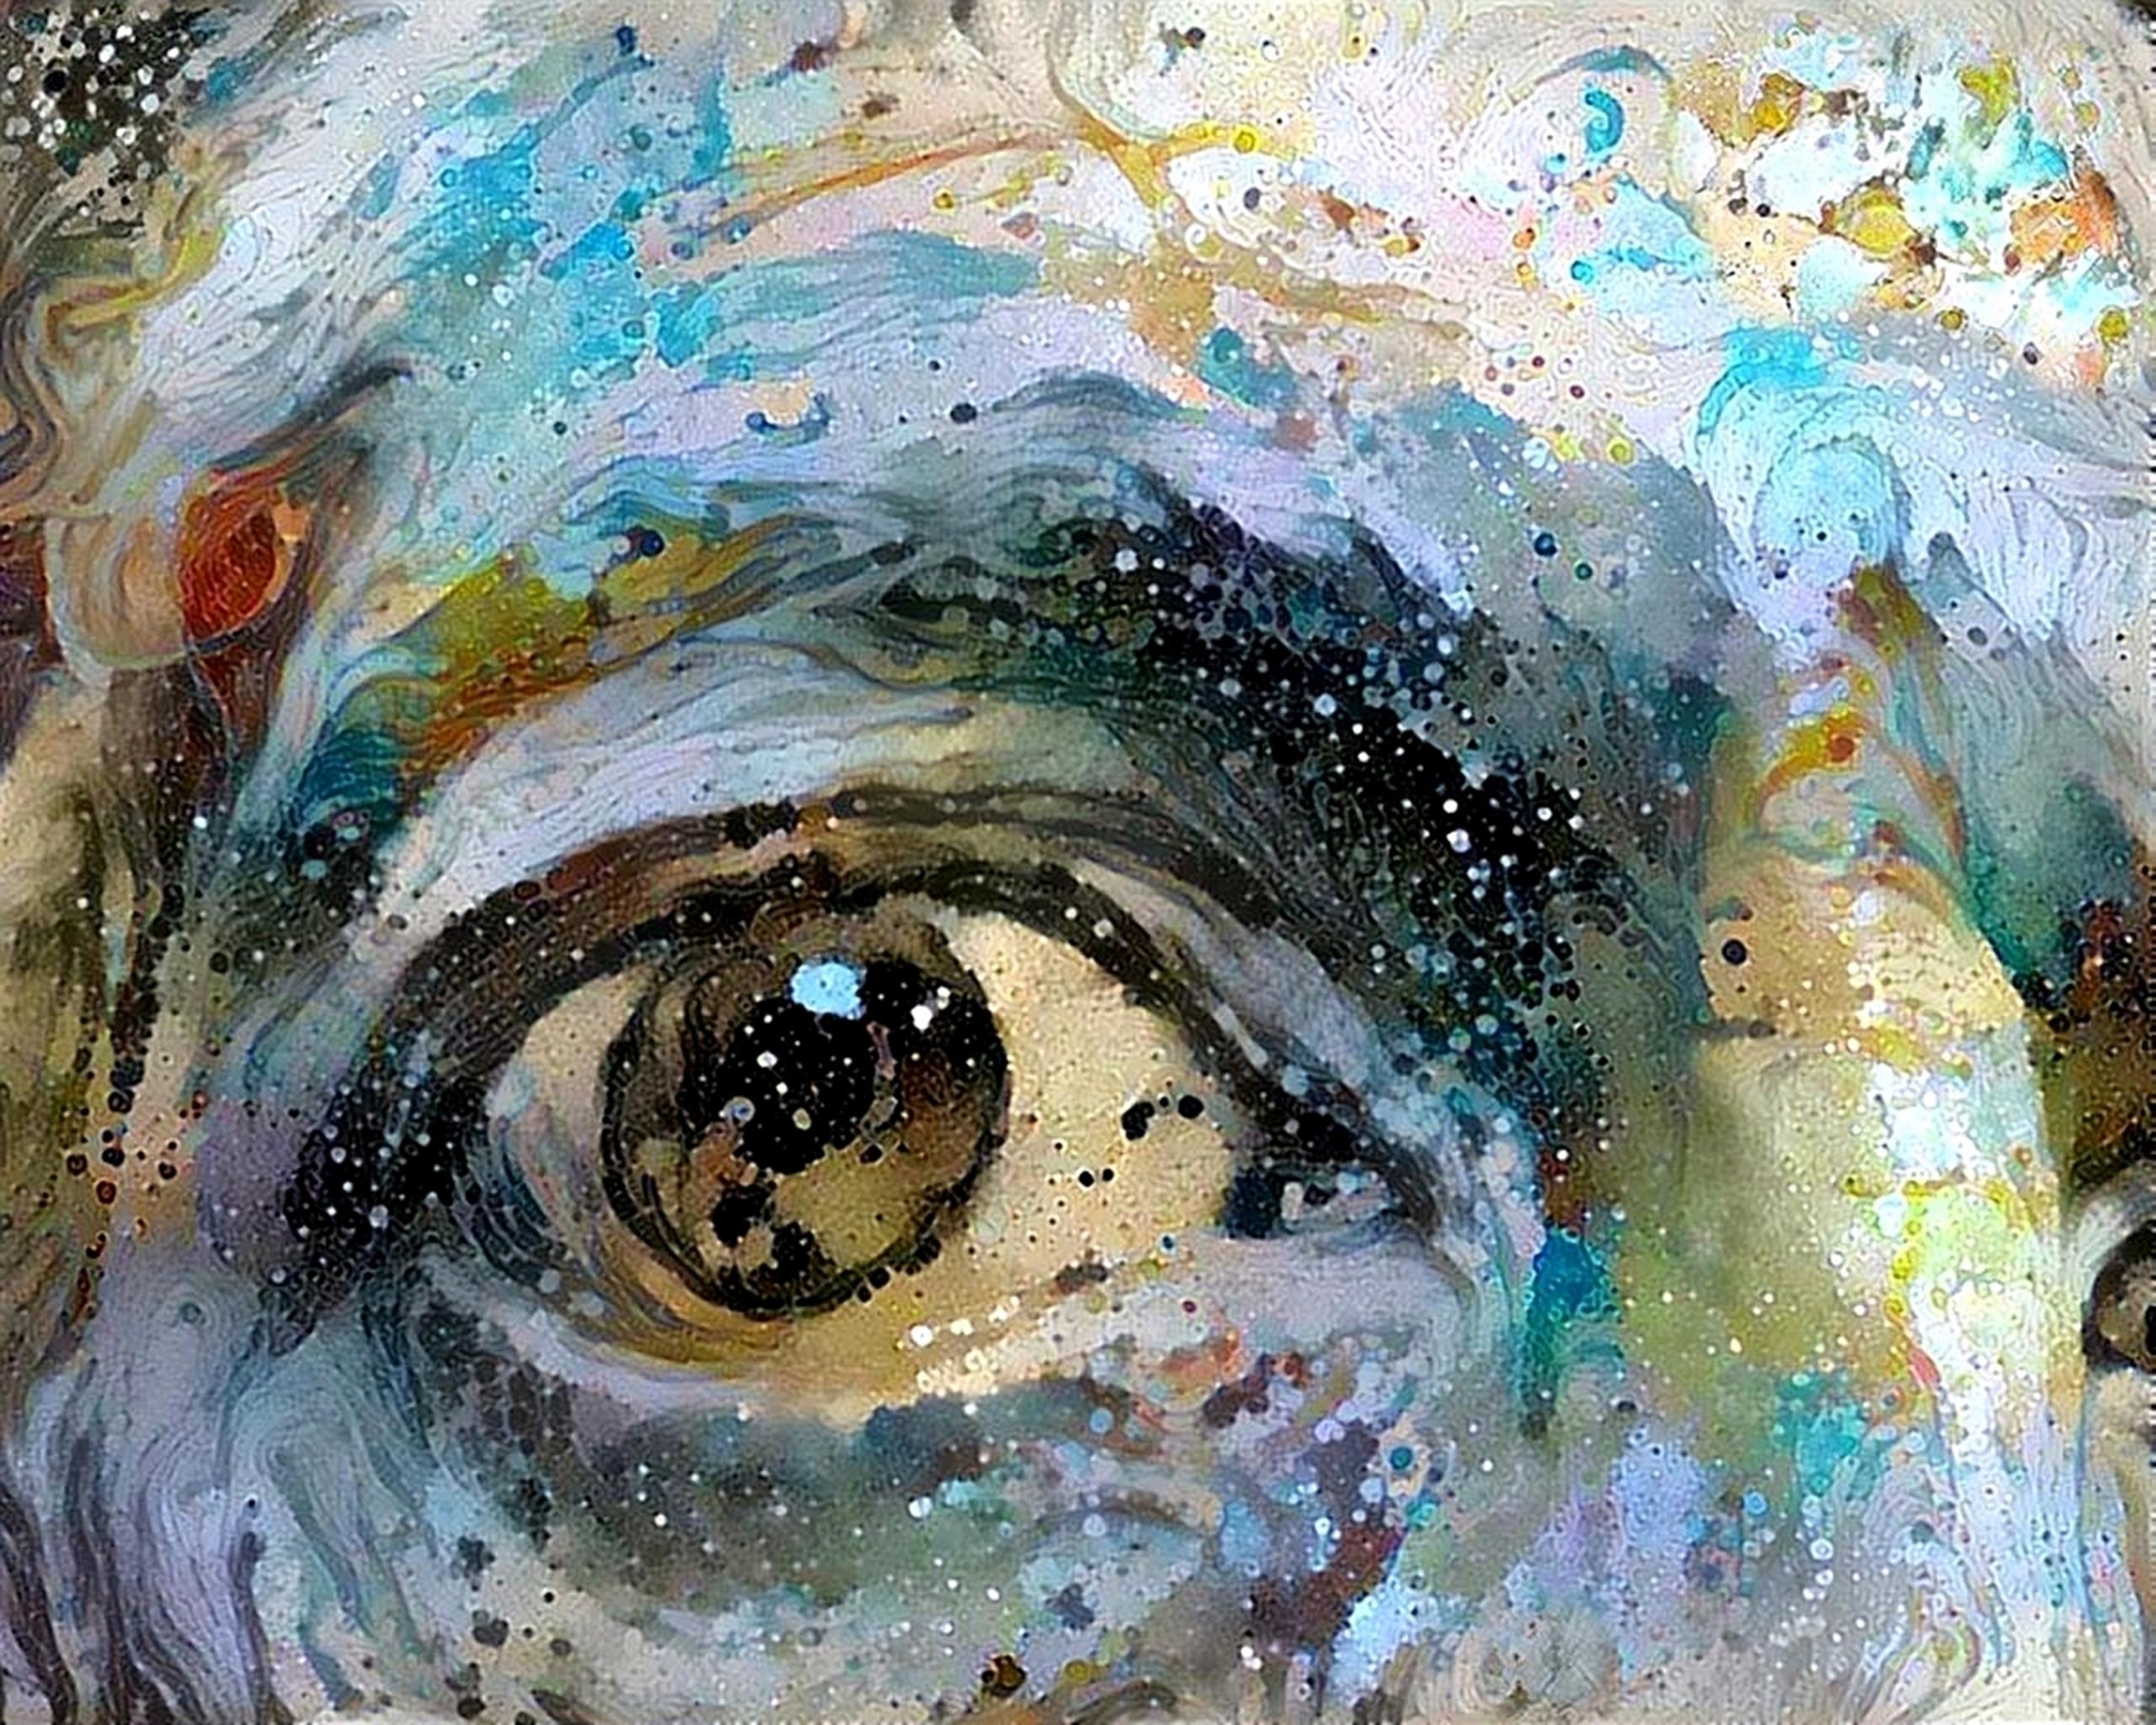 Eye 7 find eyes 1, 2, 3, 4, 5,  - kenlong | ello